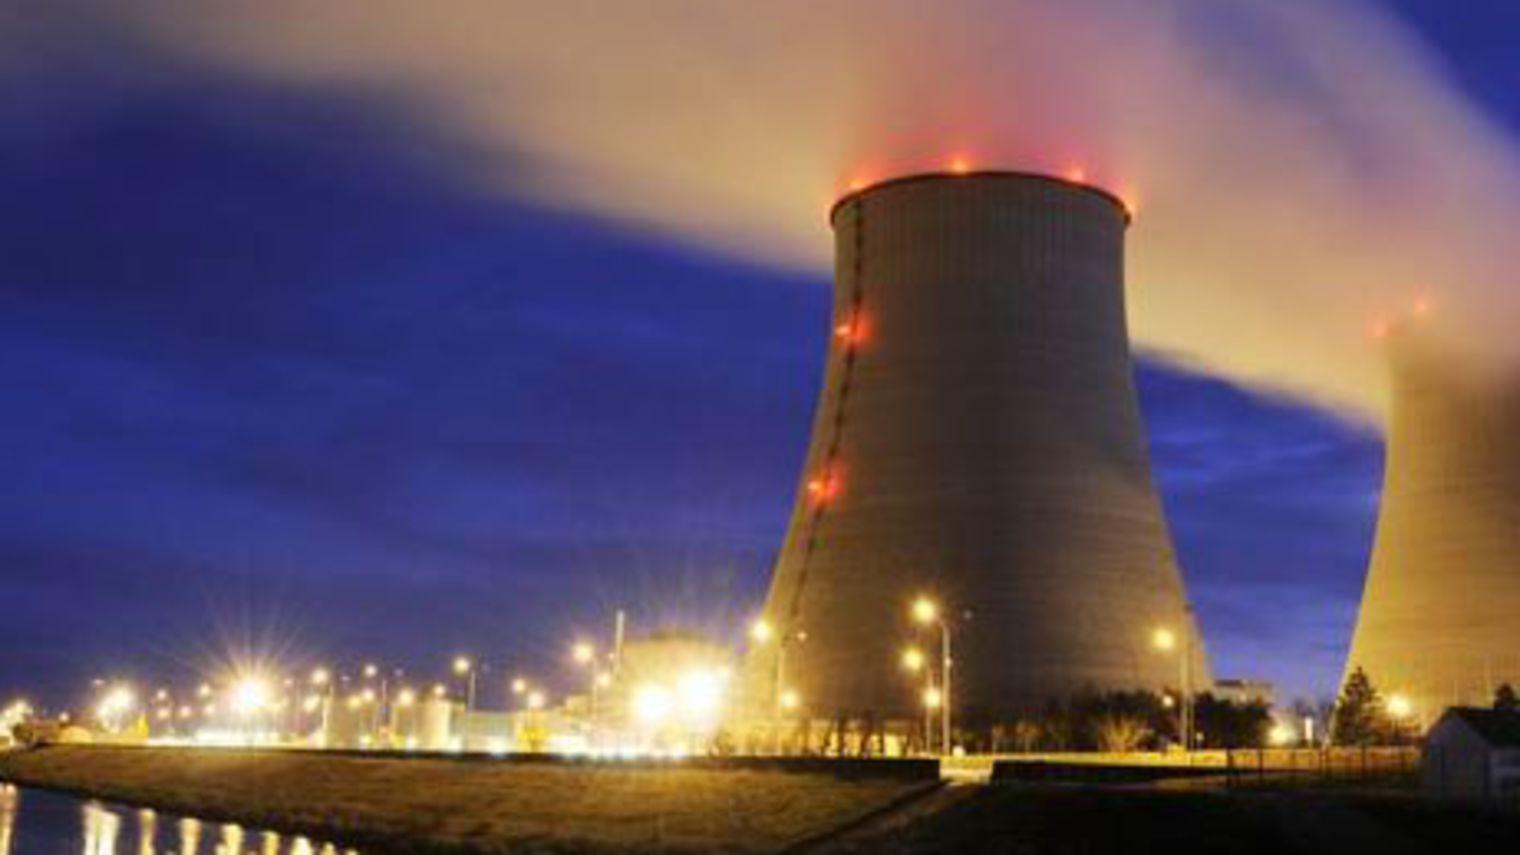 Jihadisme nucléaire ? La société française Ingerop se fait voler 65 GB de données liées à nos centrales nucléaires